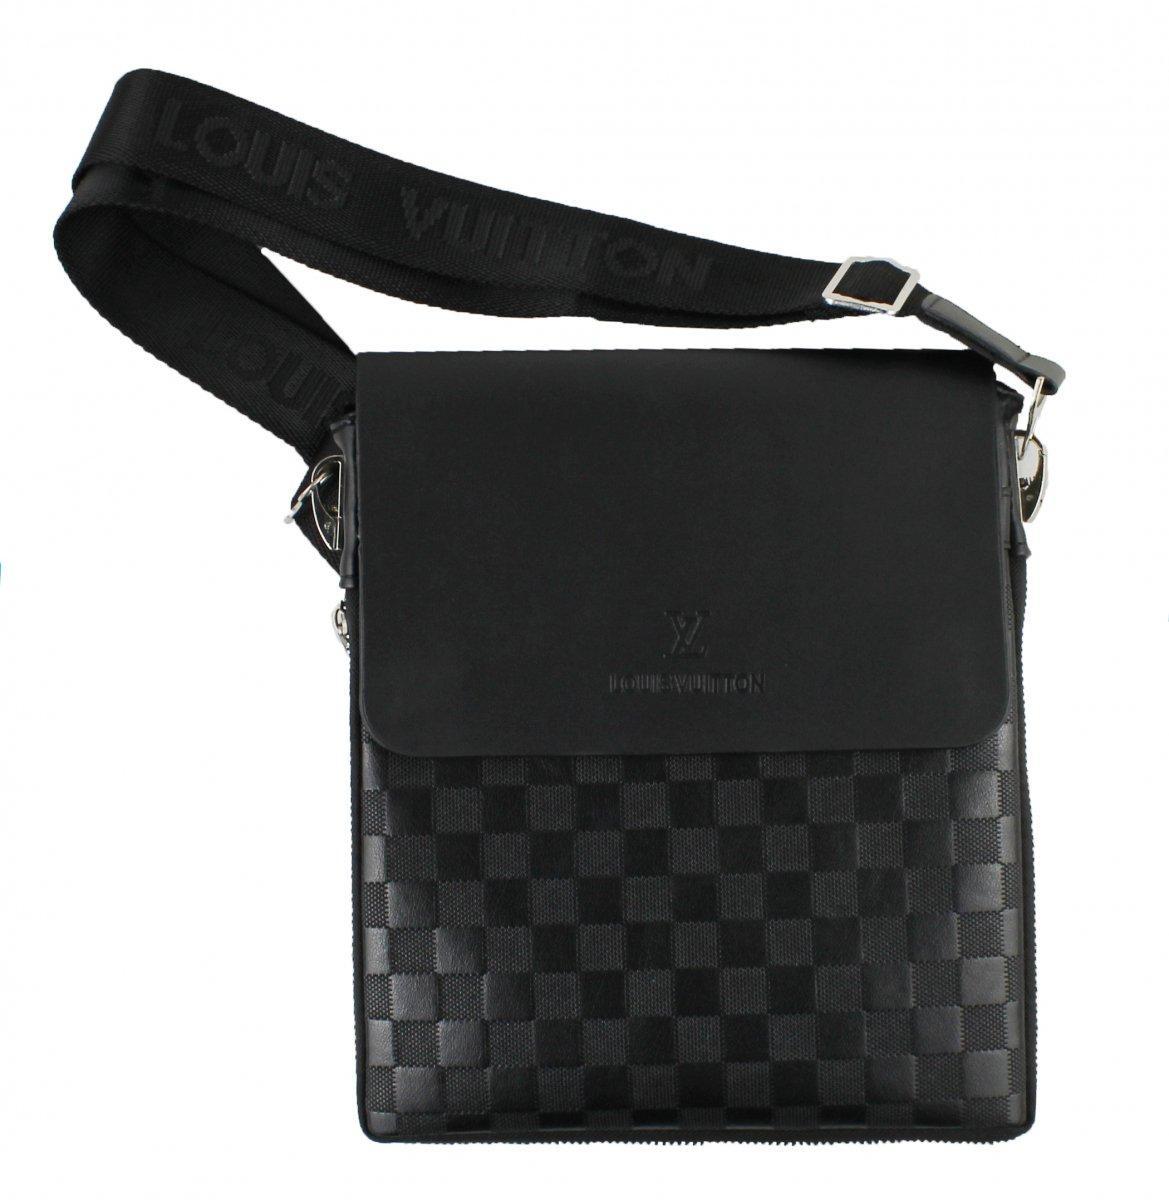 9bfa18830918 Мужская сумка через плечо Louis Vuitton - OllY Интернет-магазин в Киеве